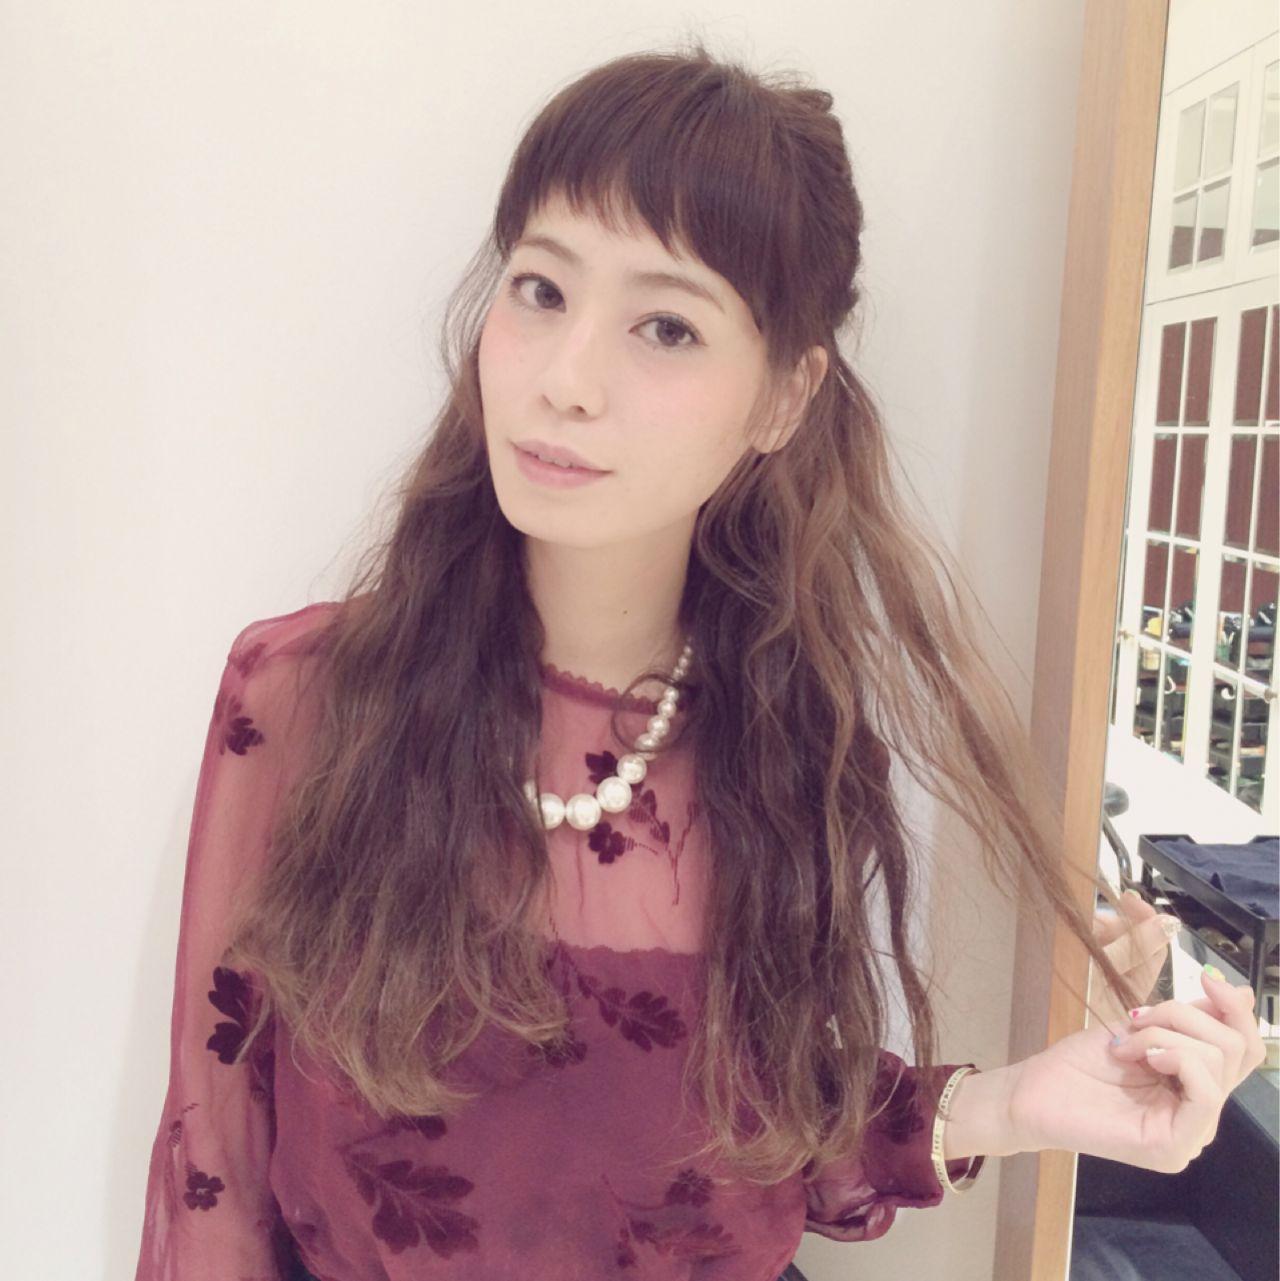 オン眉 ヘアアレンジ 秋 ロング ヘアスタイルや髪型の写真・画像 | 伊藤沙織 /